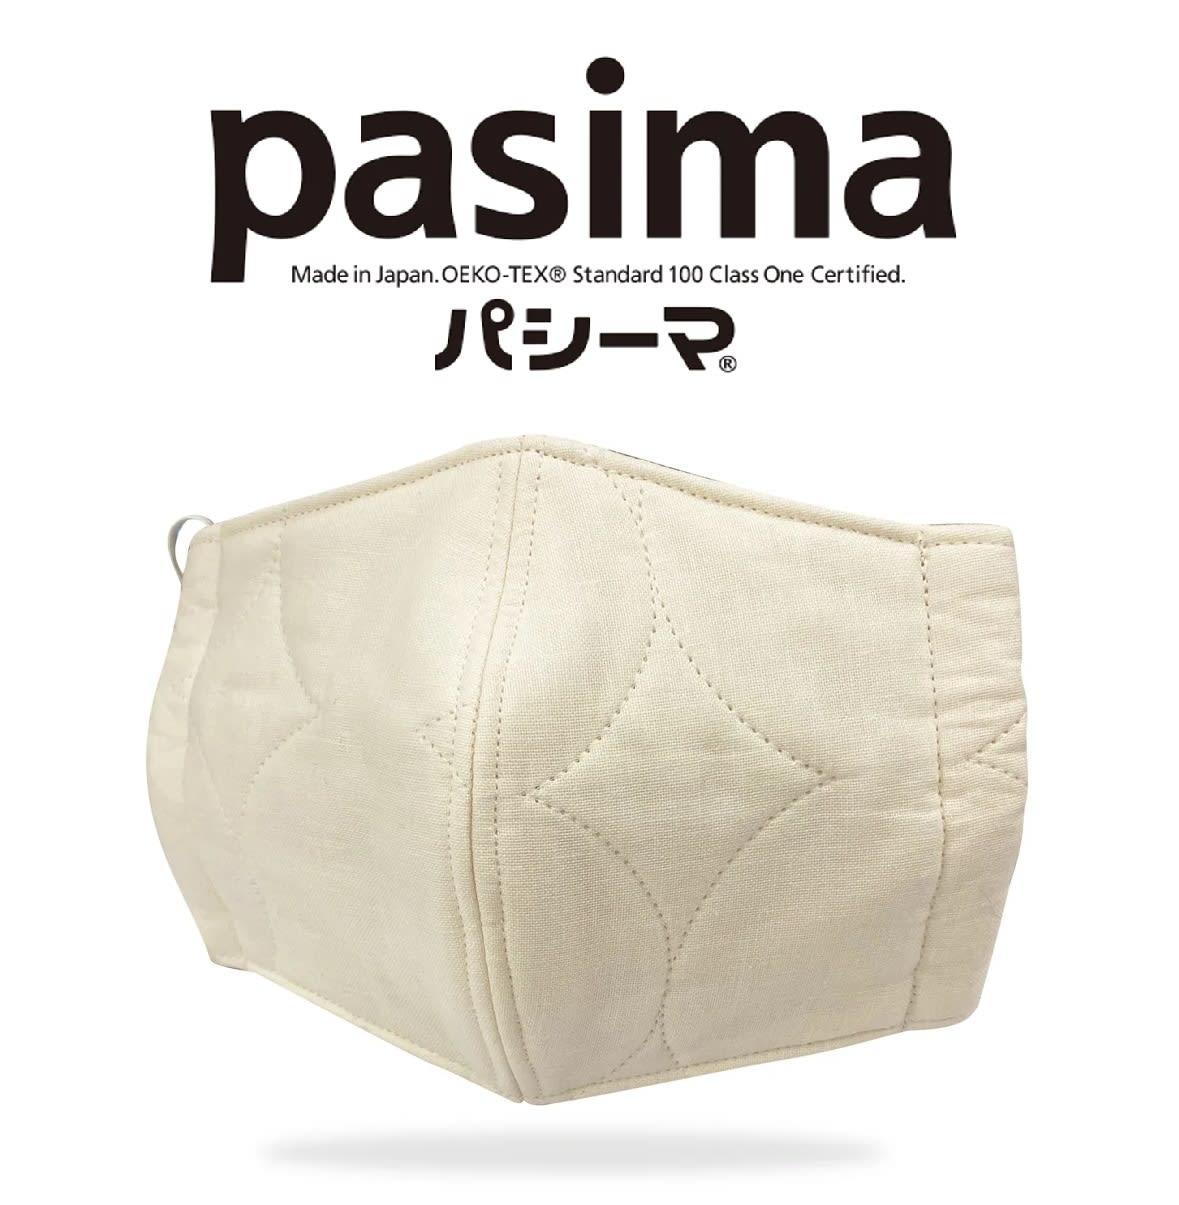 パシーマの生地でつくったマスク 大人用サイズ2枚組 (出来上がり寸約10.5×17.5cm)アイボリーレギュラ